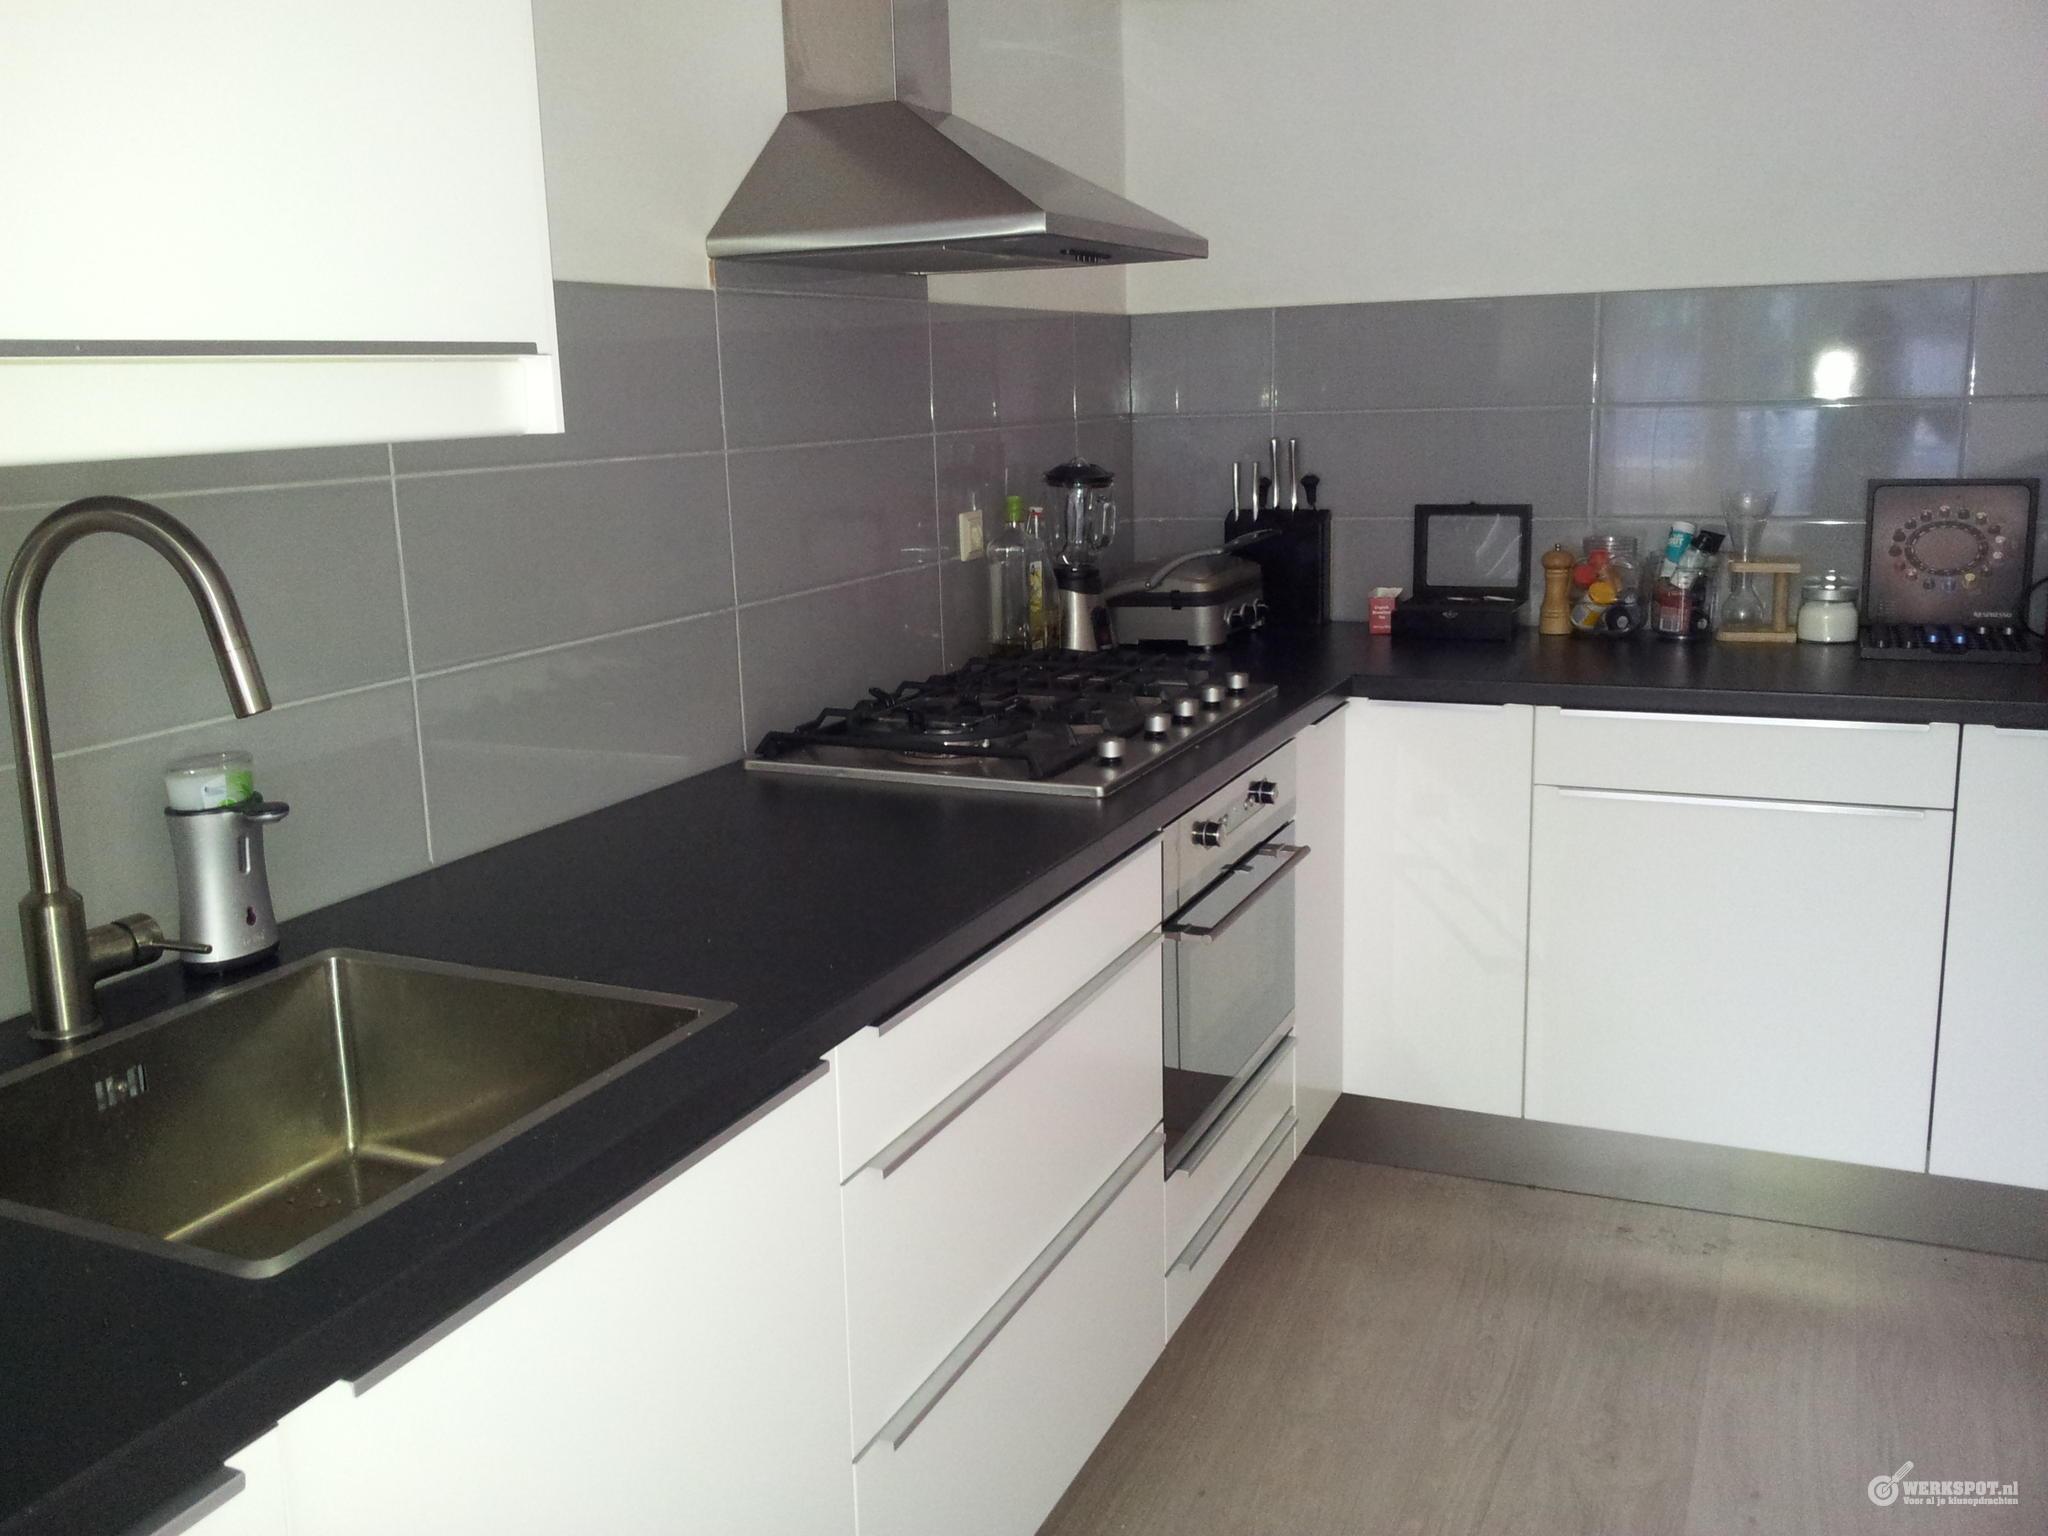 keuken tegels vervangen : Plaatsen Ikea Keuken Voorbereidingswerk Werkspot